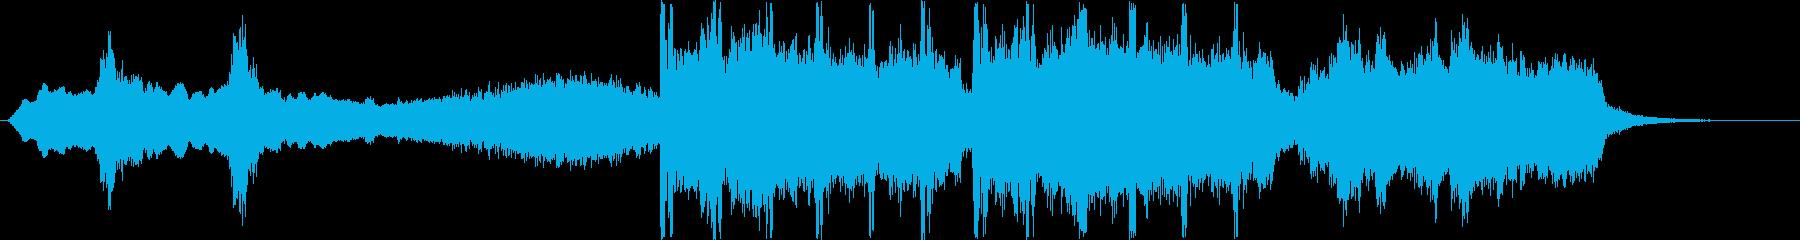 不気味なシンセ・弦楽器など短めの再生済みの波形